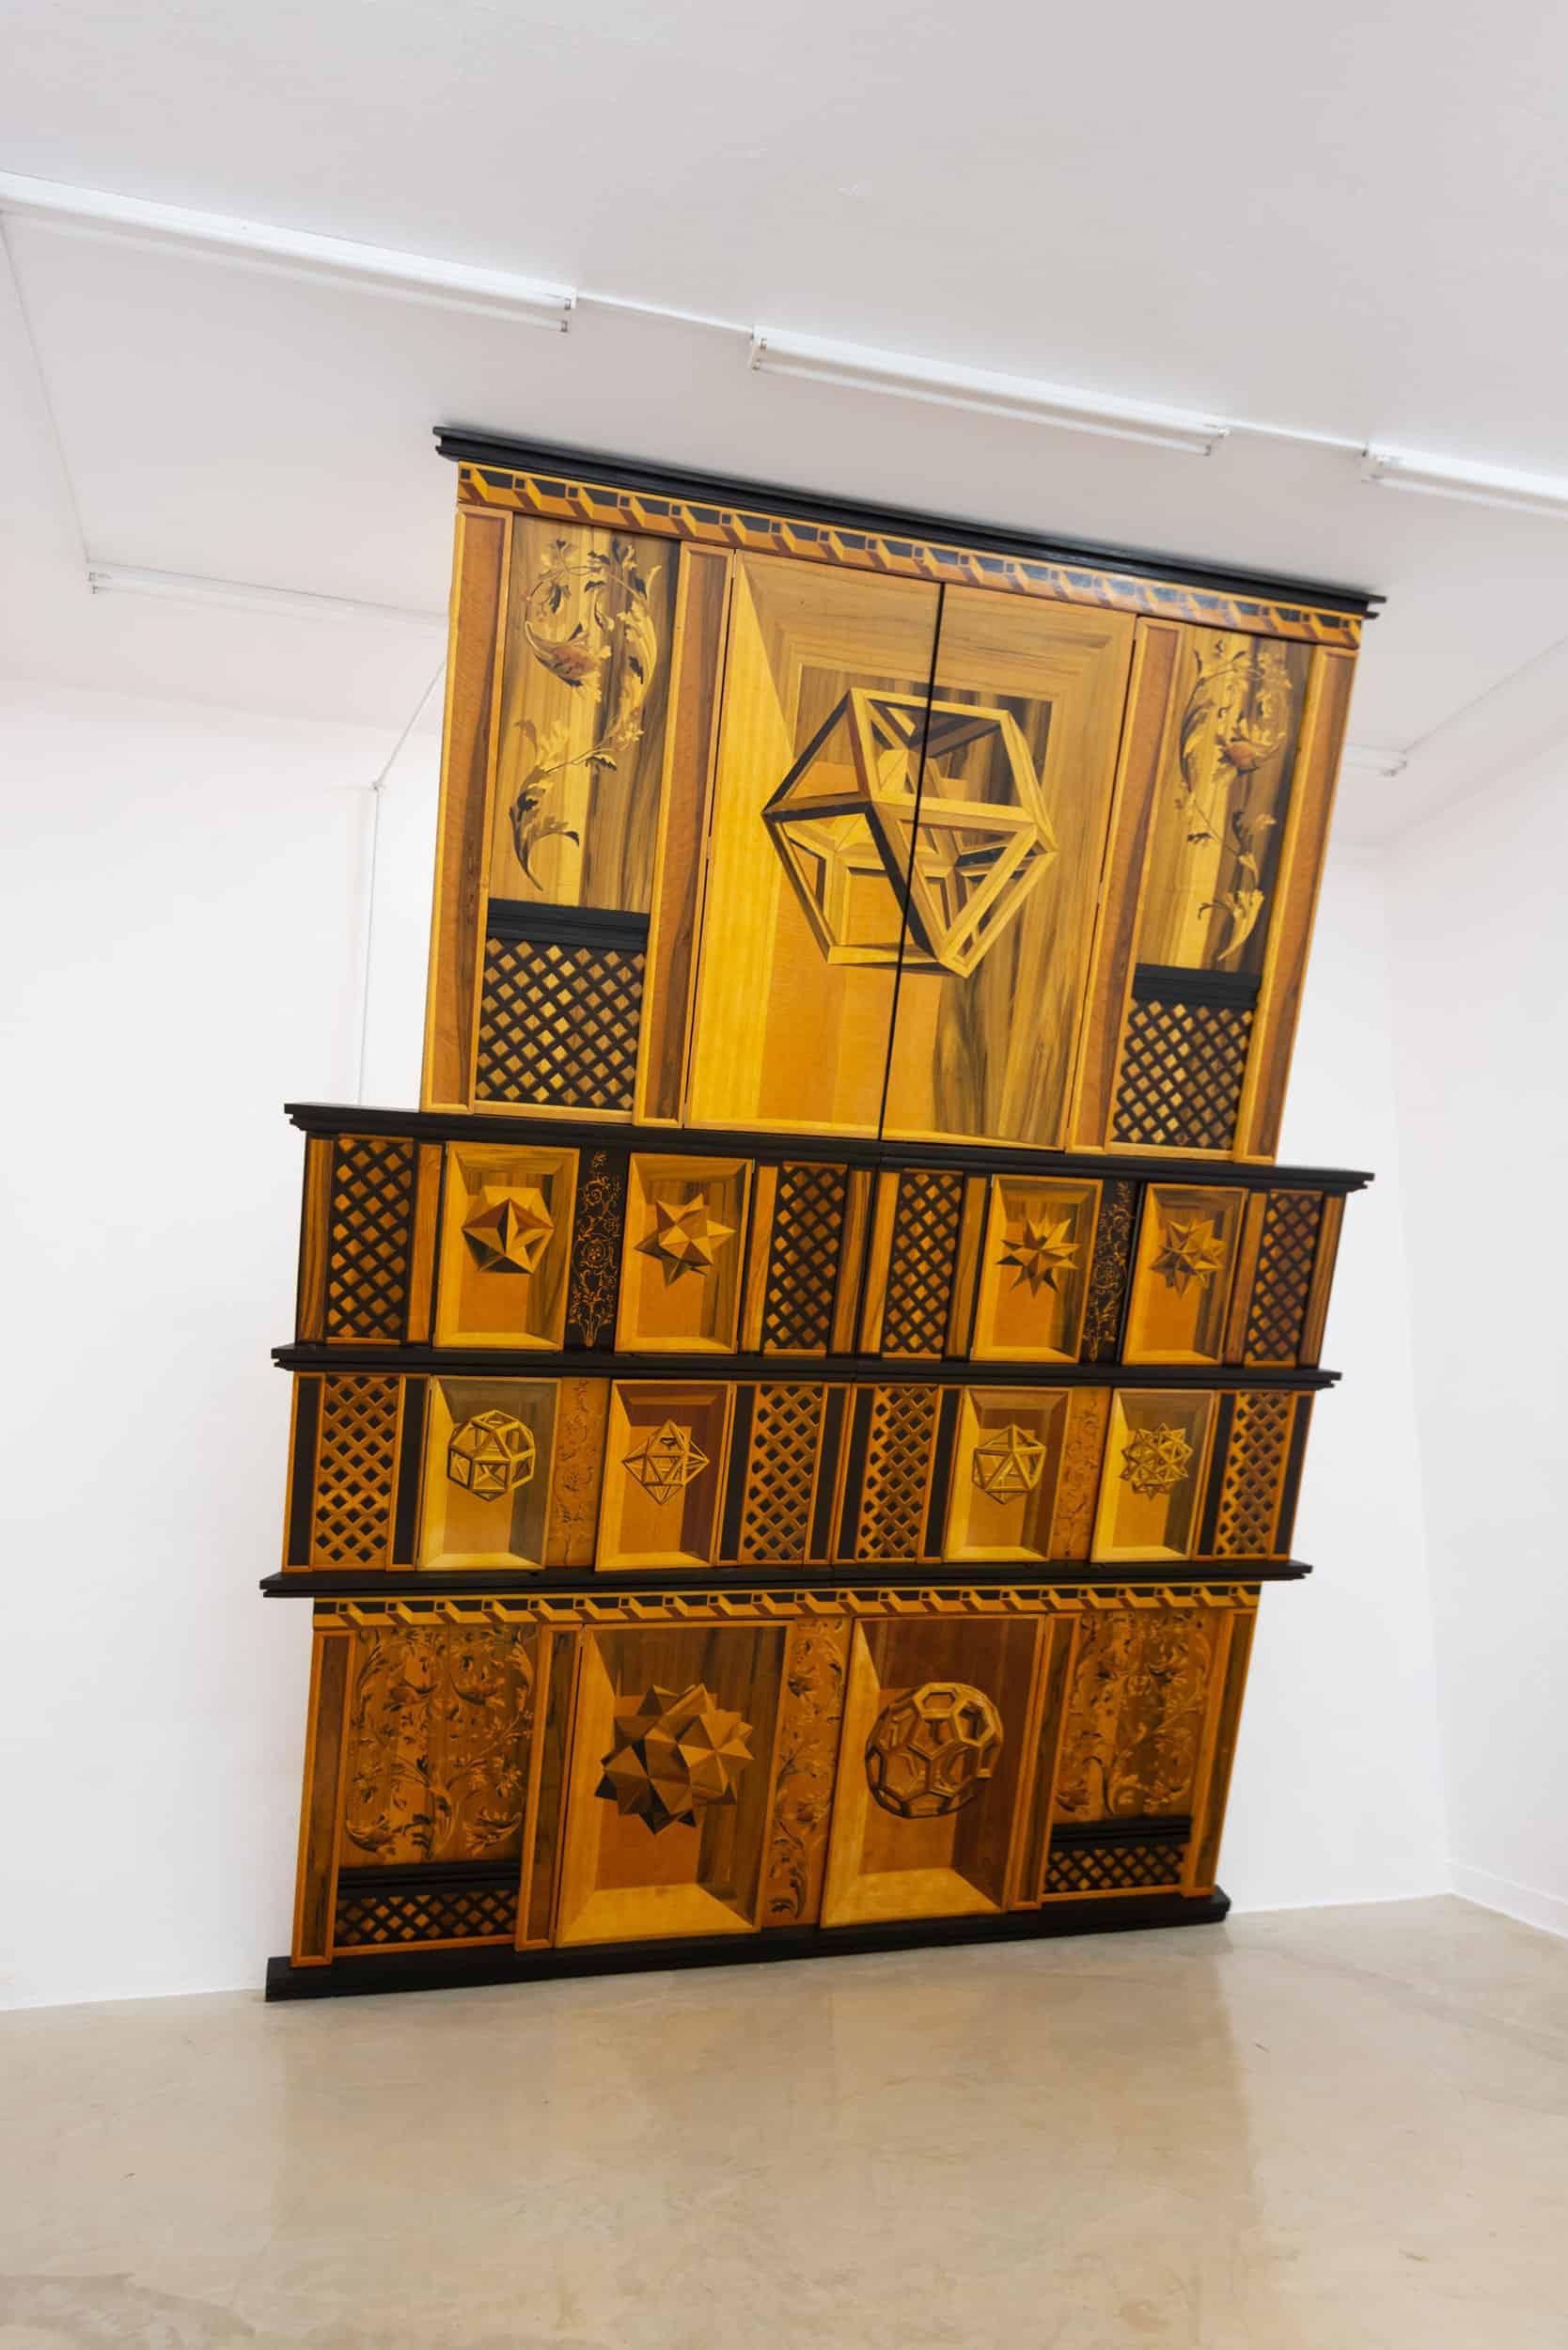 Wojciech Ireneusz Sobczak, Shrine, Affinities I exhibition, Leto Gallery, Warsaw, photo: B. Górka